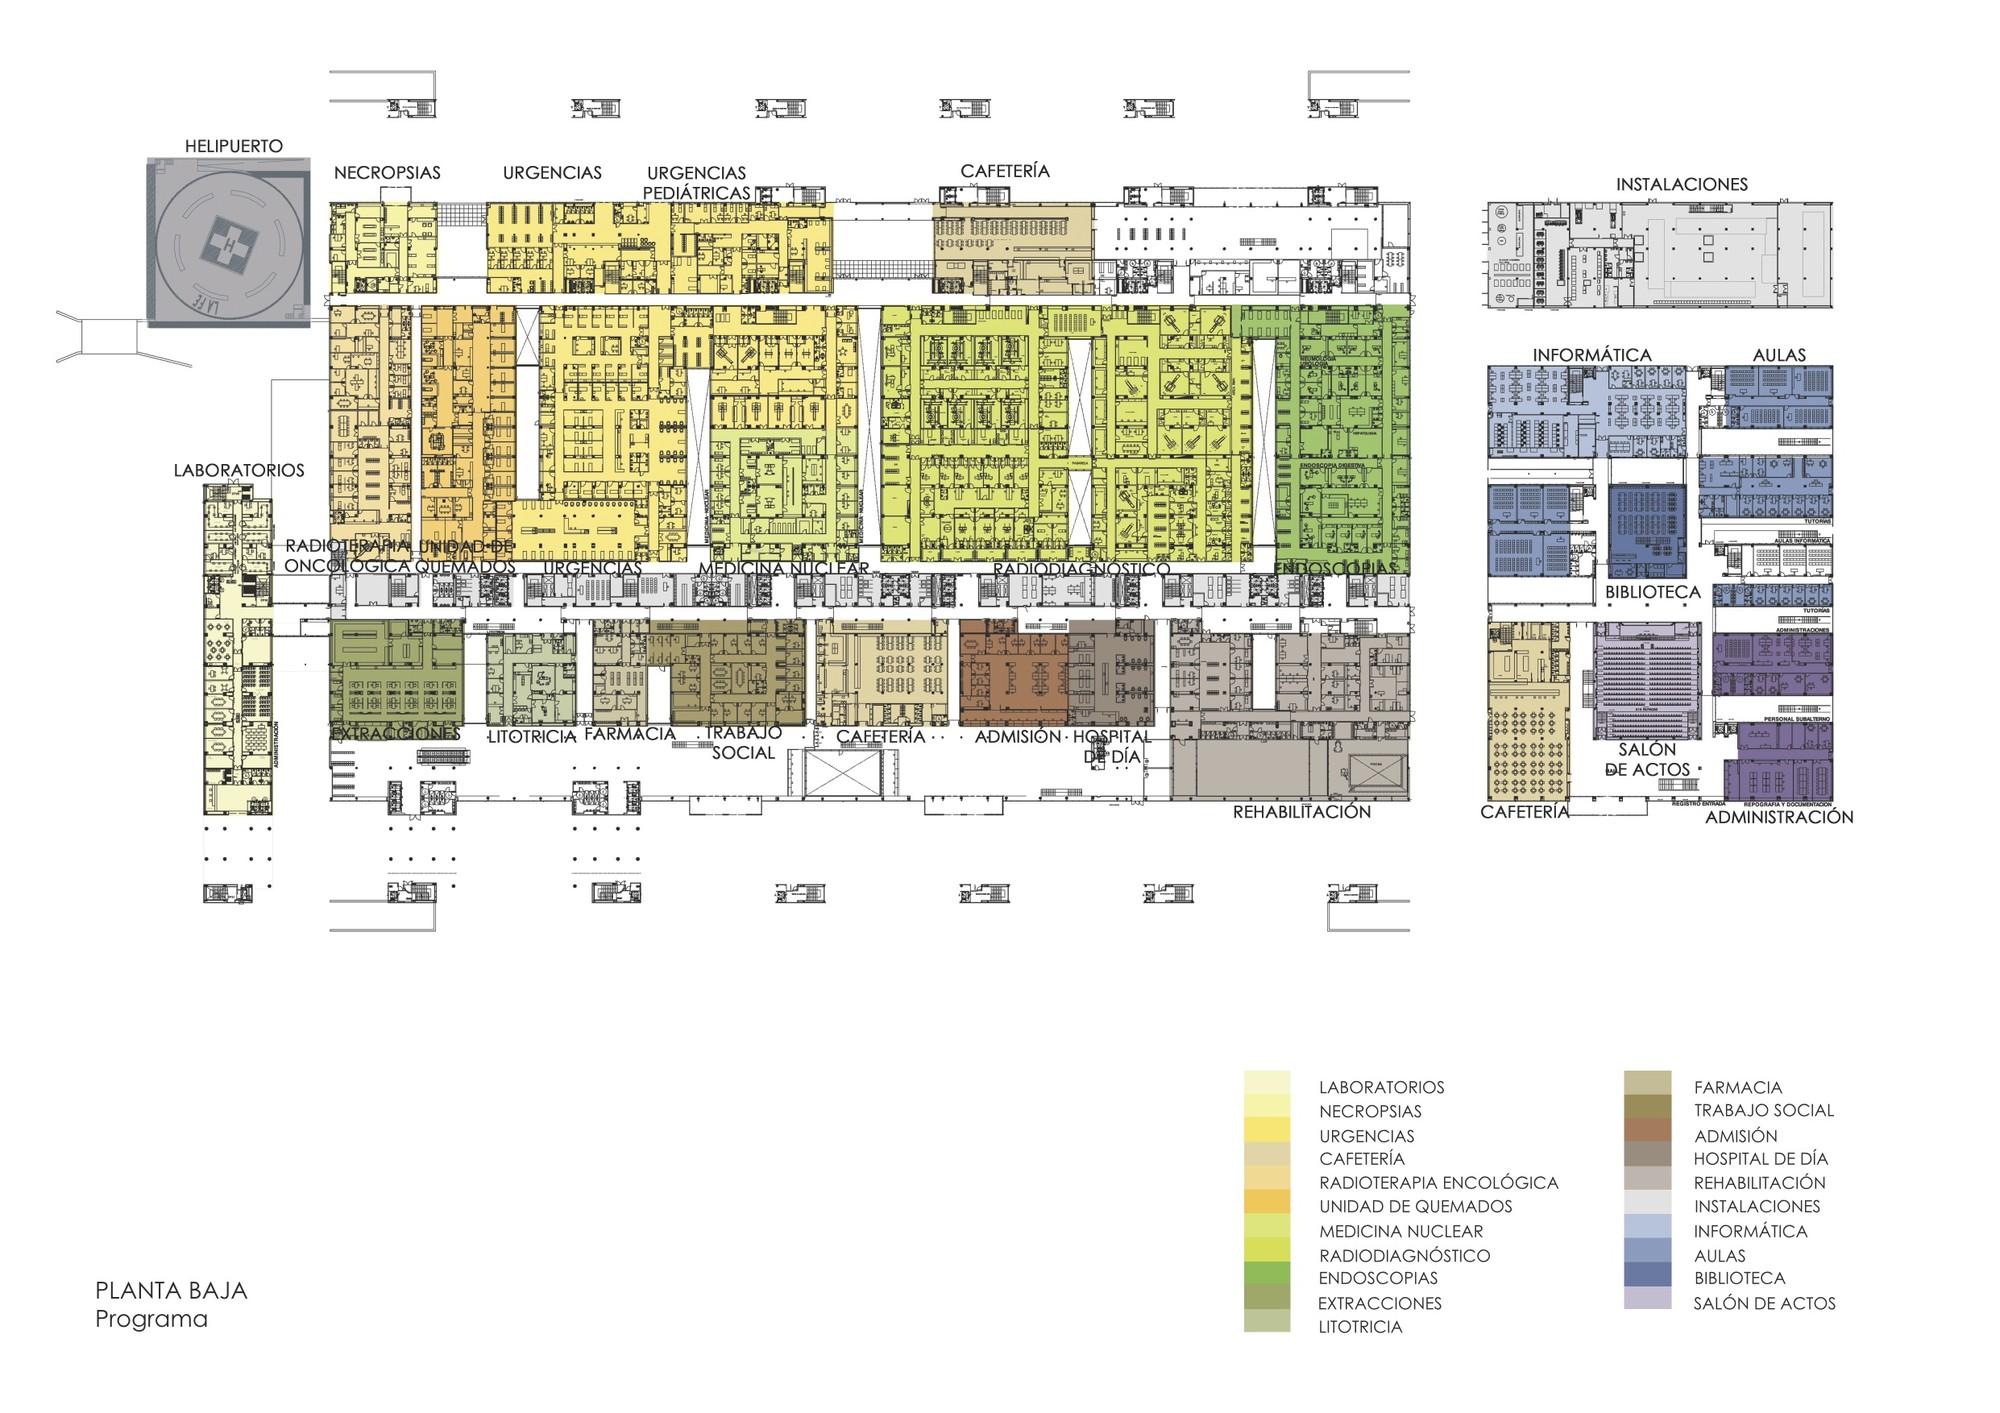 Nuevo hospital universitario la fe de valencia ramon for Biblioteca programa arquitectonico